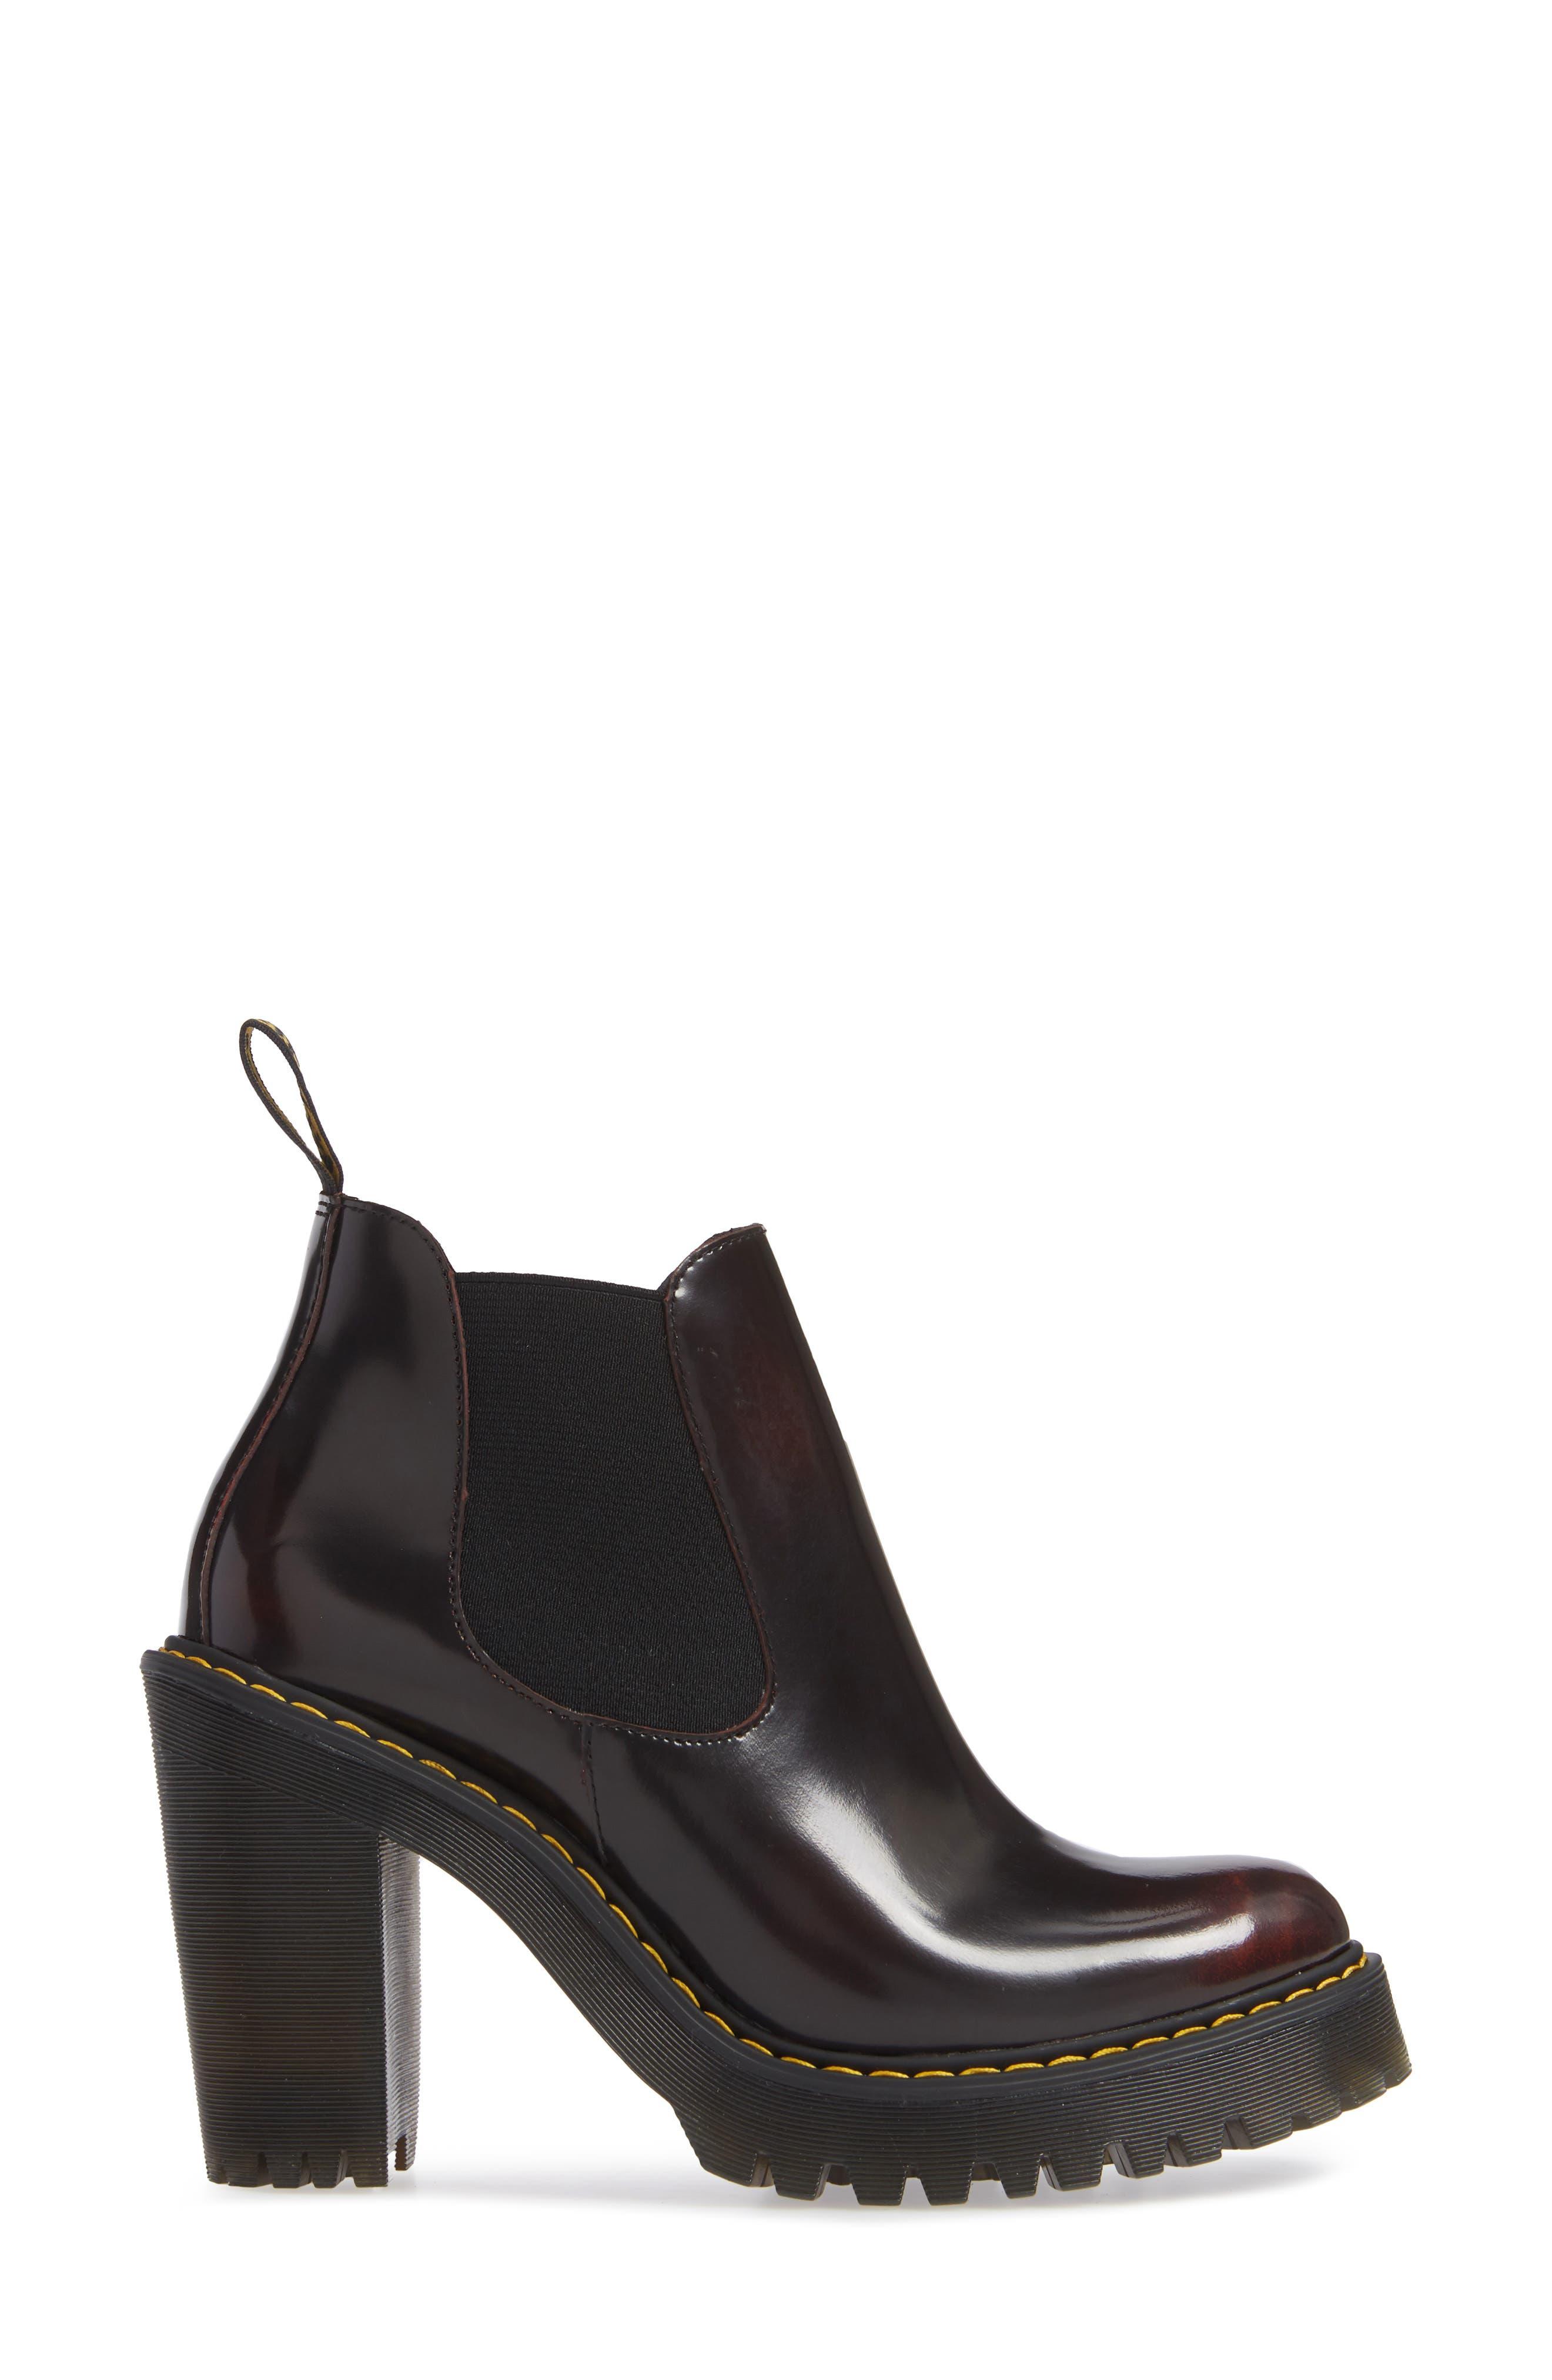 DR. MARTENS, Hurston Chelsea Boot, Alternate thumbnail 3, color, 930